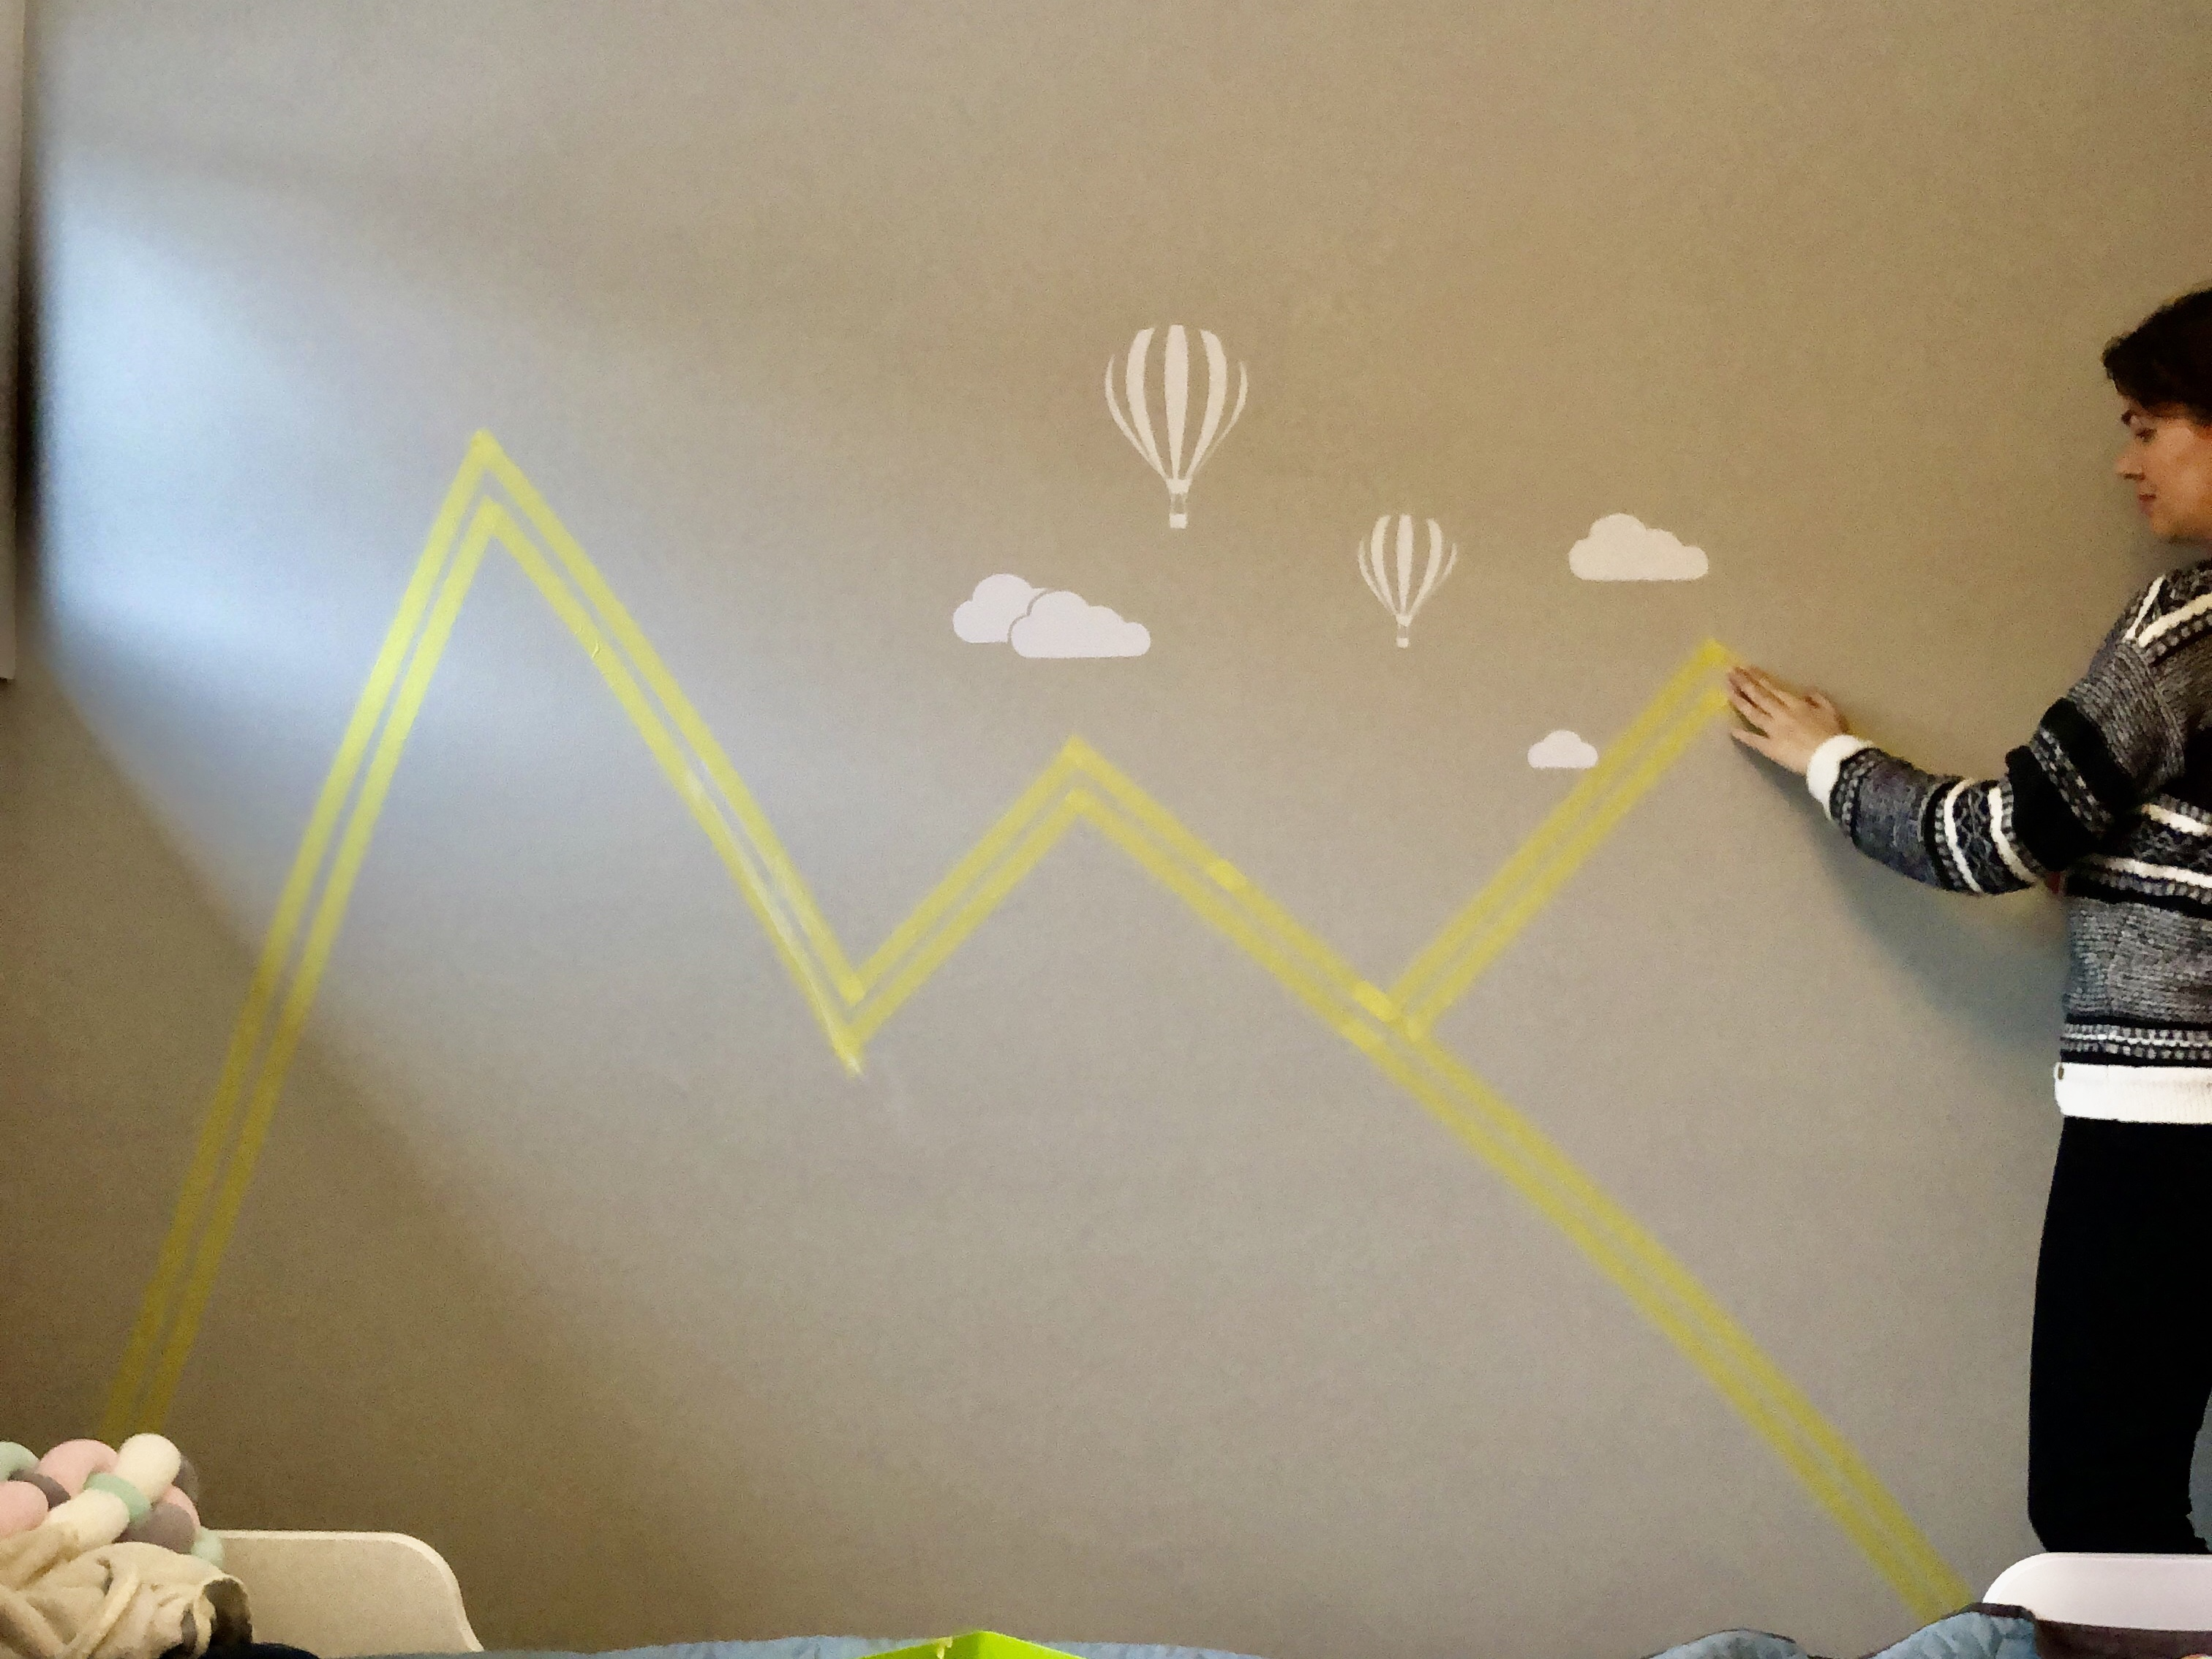 Diy Wanddeko Im Kinderzimmer Berge An Die Wand Malen Fjordliebe Der Norwegen Blog